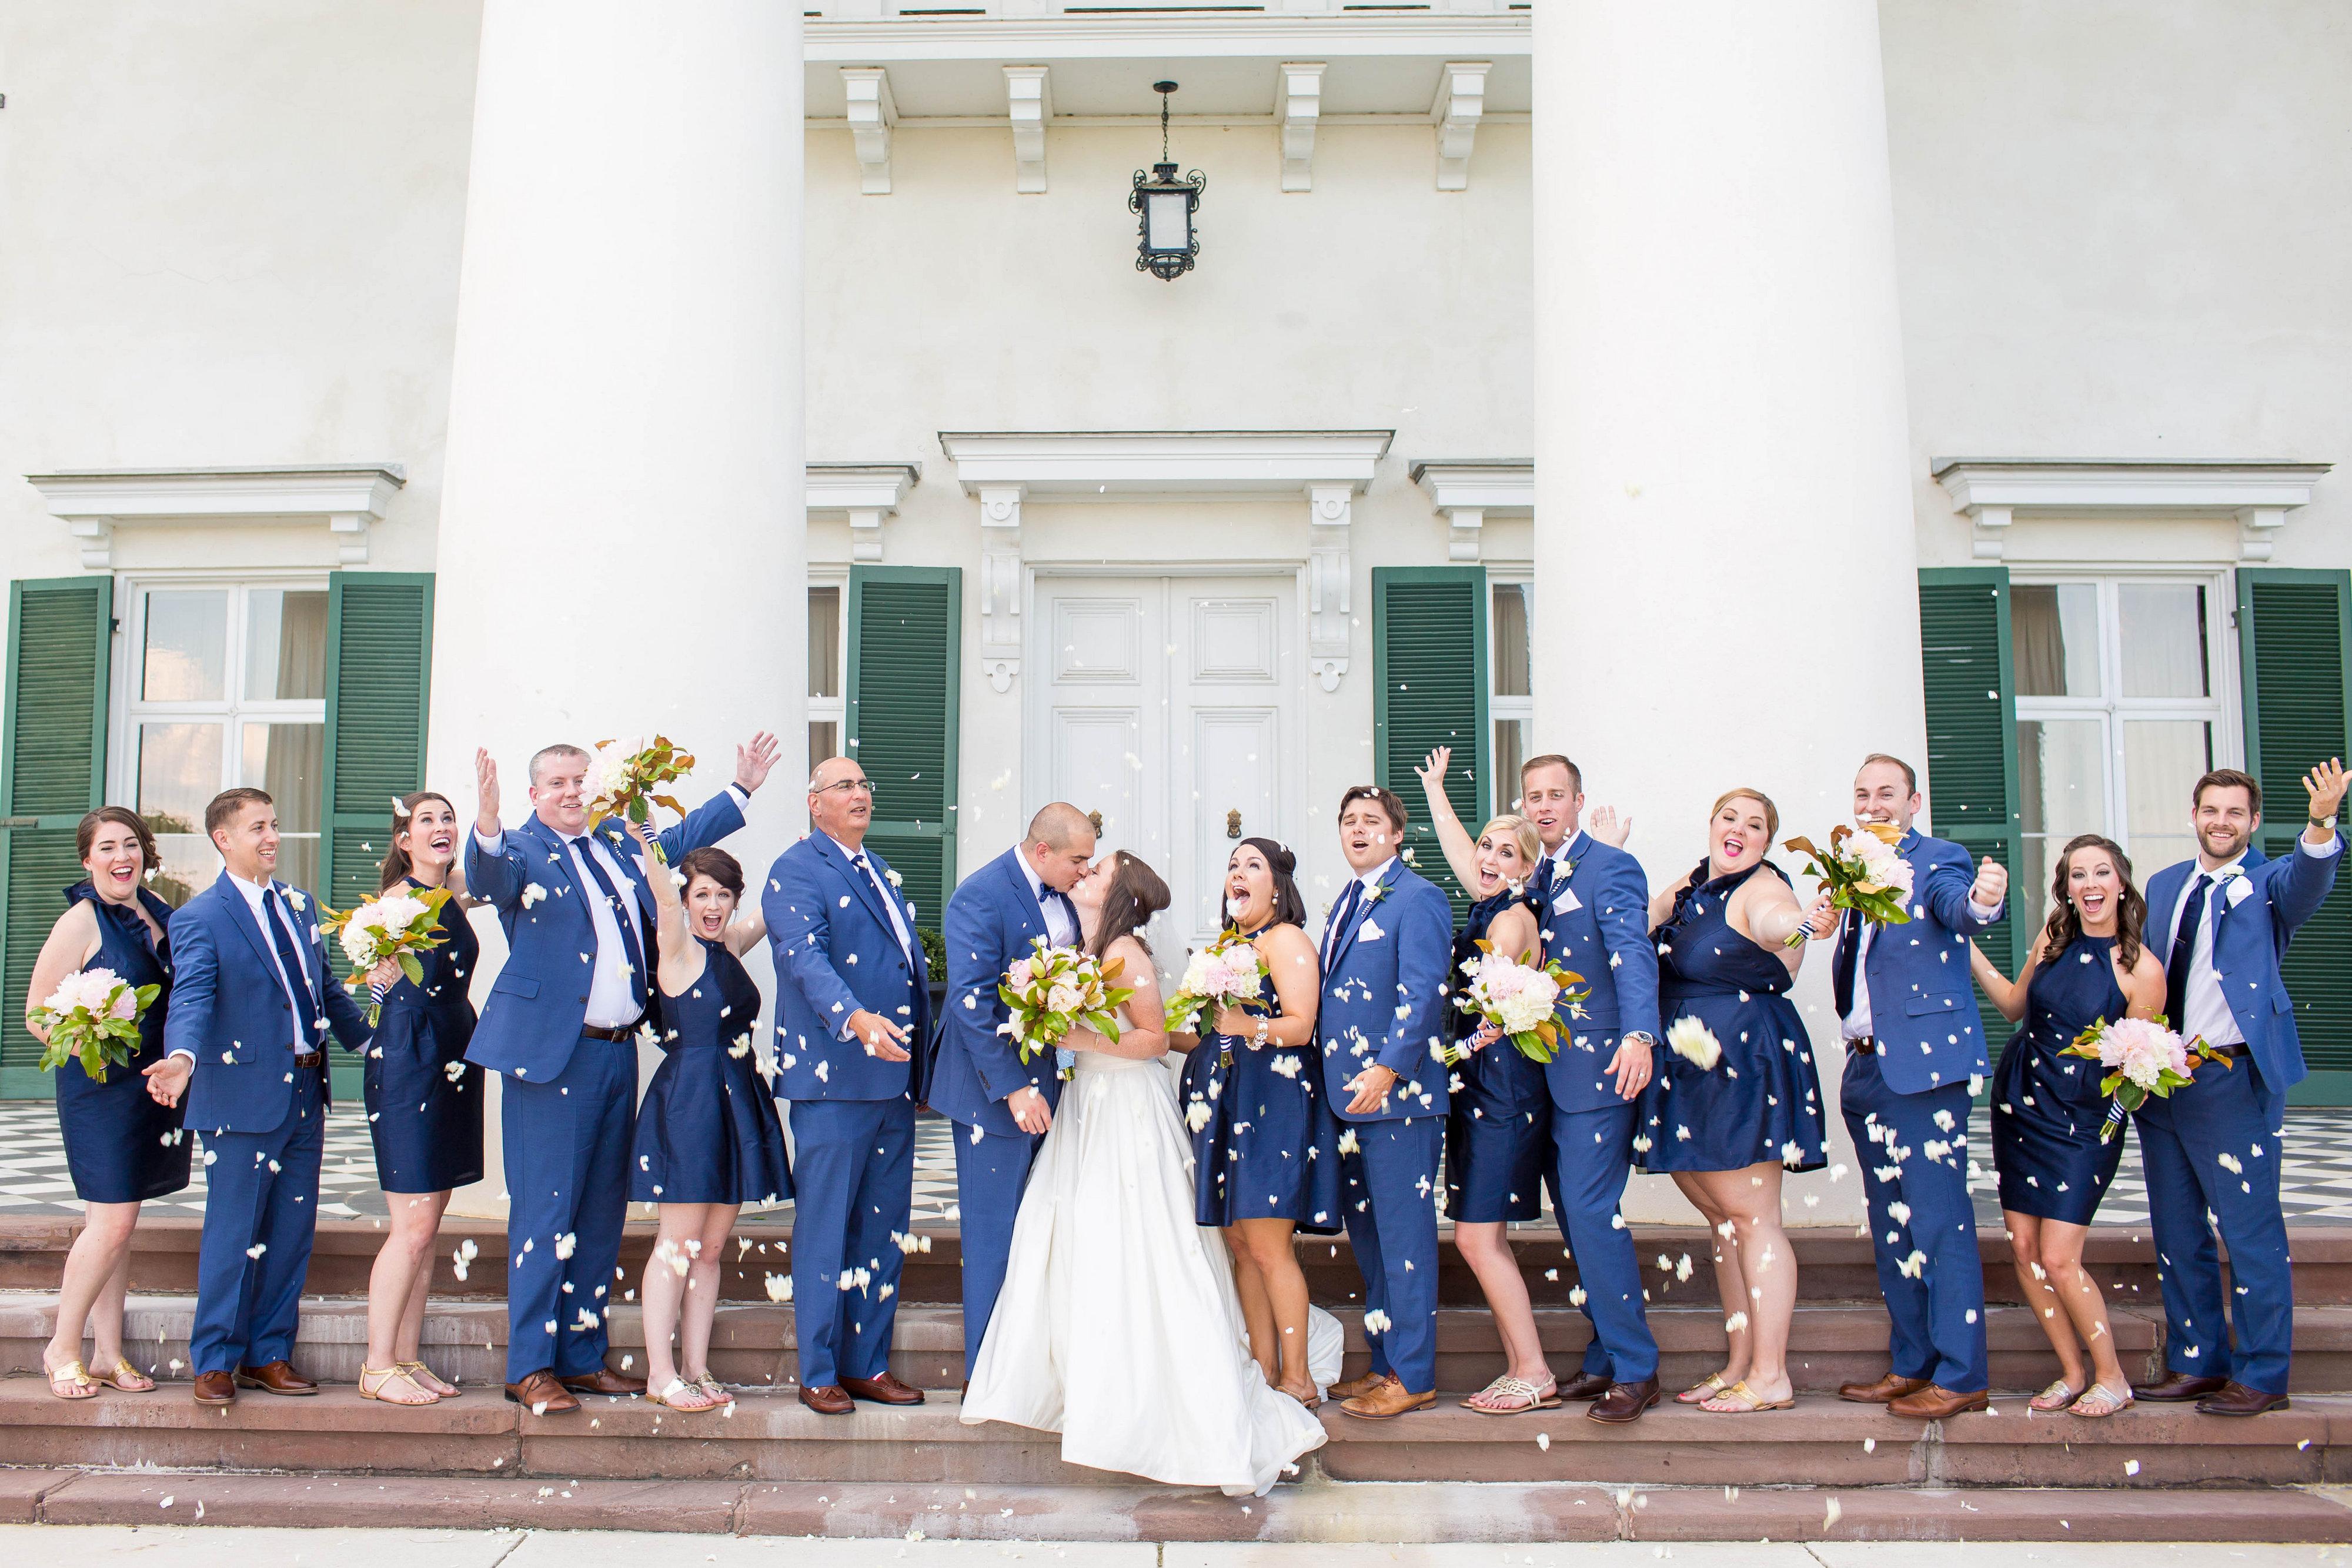 MORVEN PARK WEDDINGS